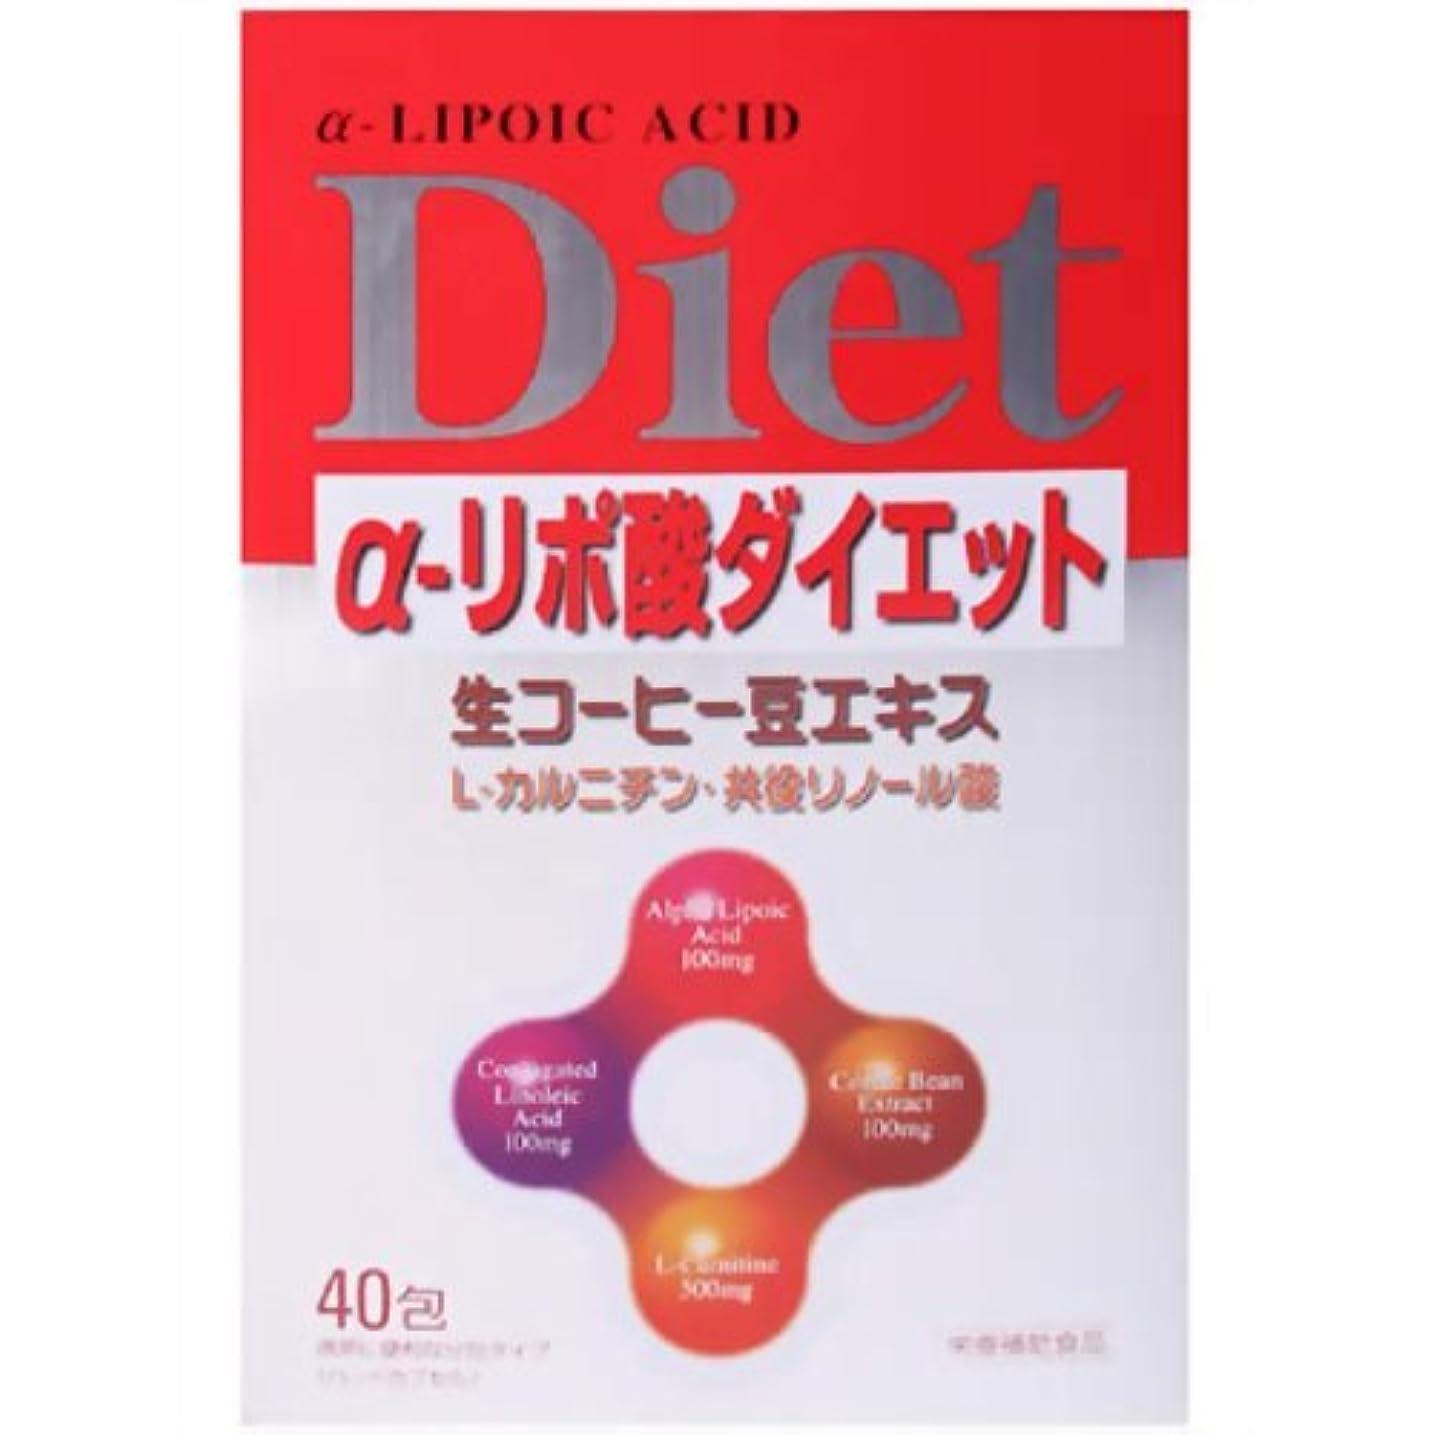 固めるコンテンツ溶ける健美舎 ラディアαリポ酸ダイエット 300mgx3CPx40袋